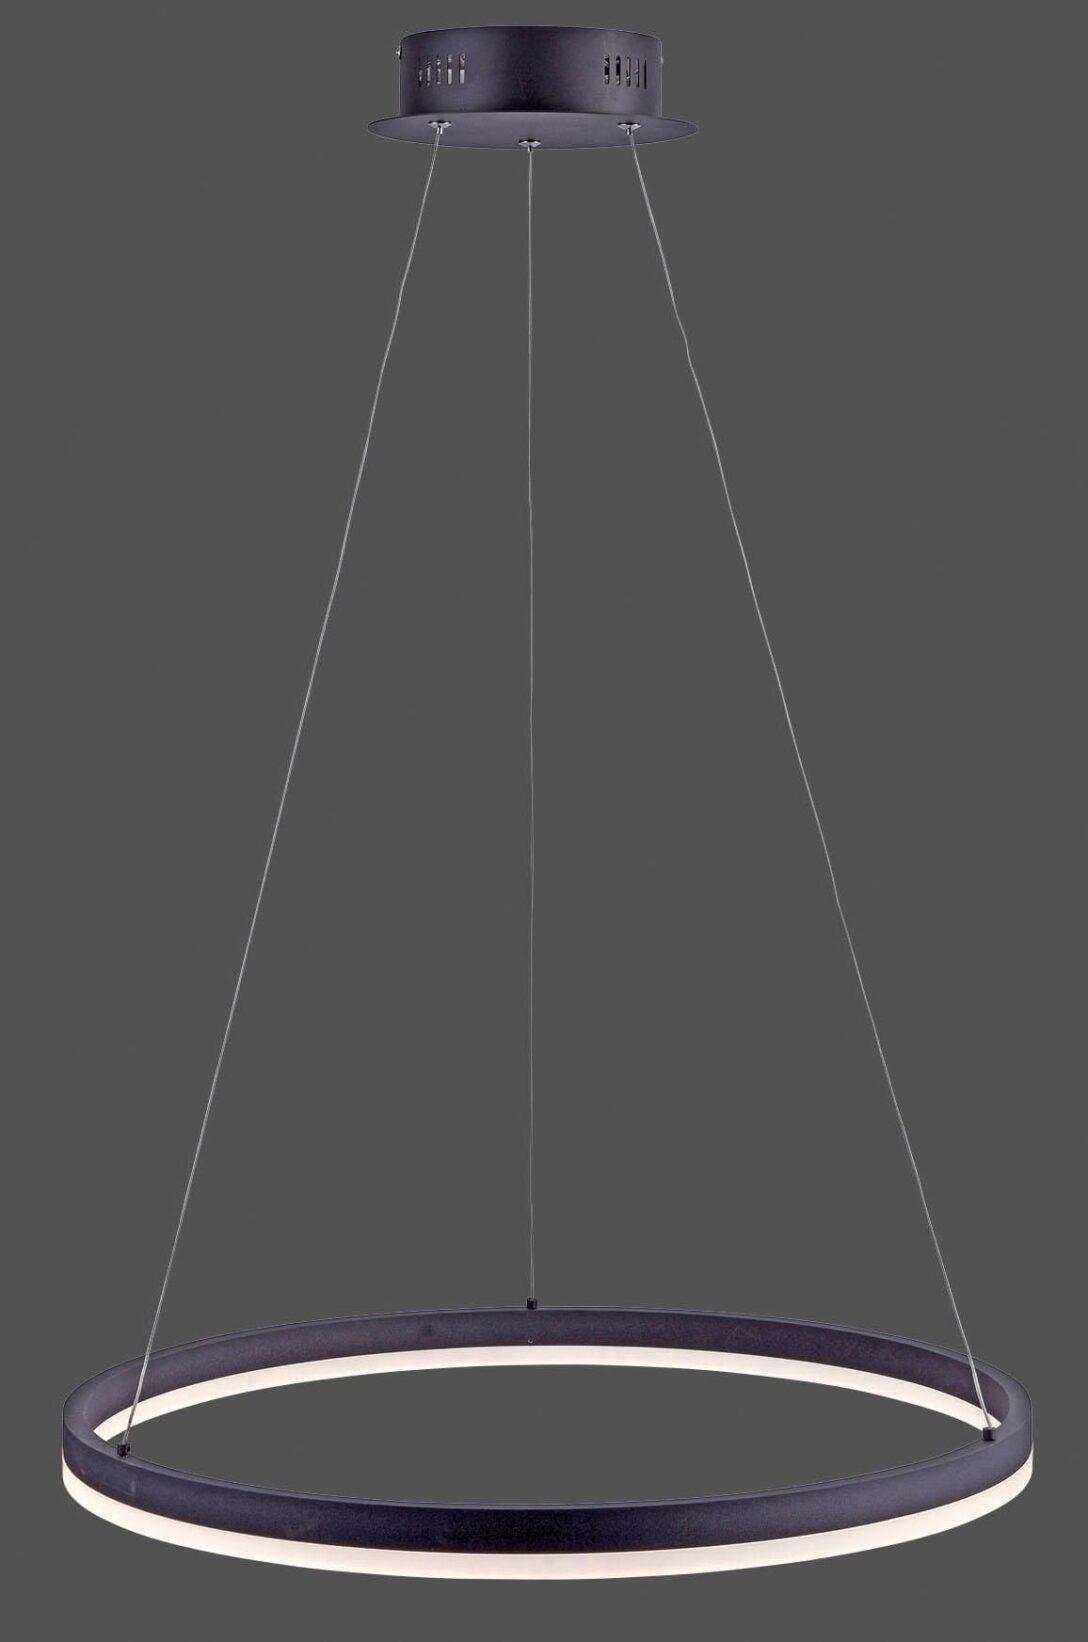 Large Size of Moderne Hngeleuchten Wohnzimmer Holz Pendelleuchten Decken Led Beleuchtung Sofa Kleines Lampe Hängelampe Stehlampen Tischlampe Gardinen Für Chesterfield Wohnzimmer Wohnzimmer Led Lampe